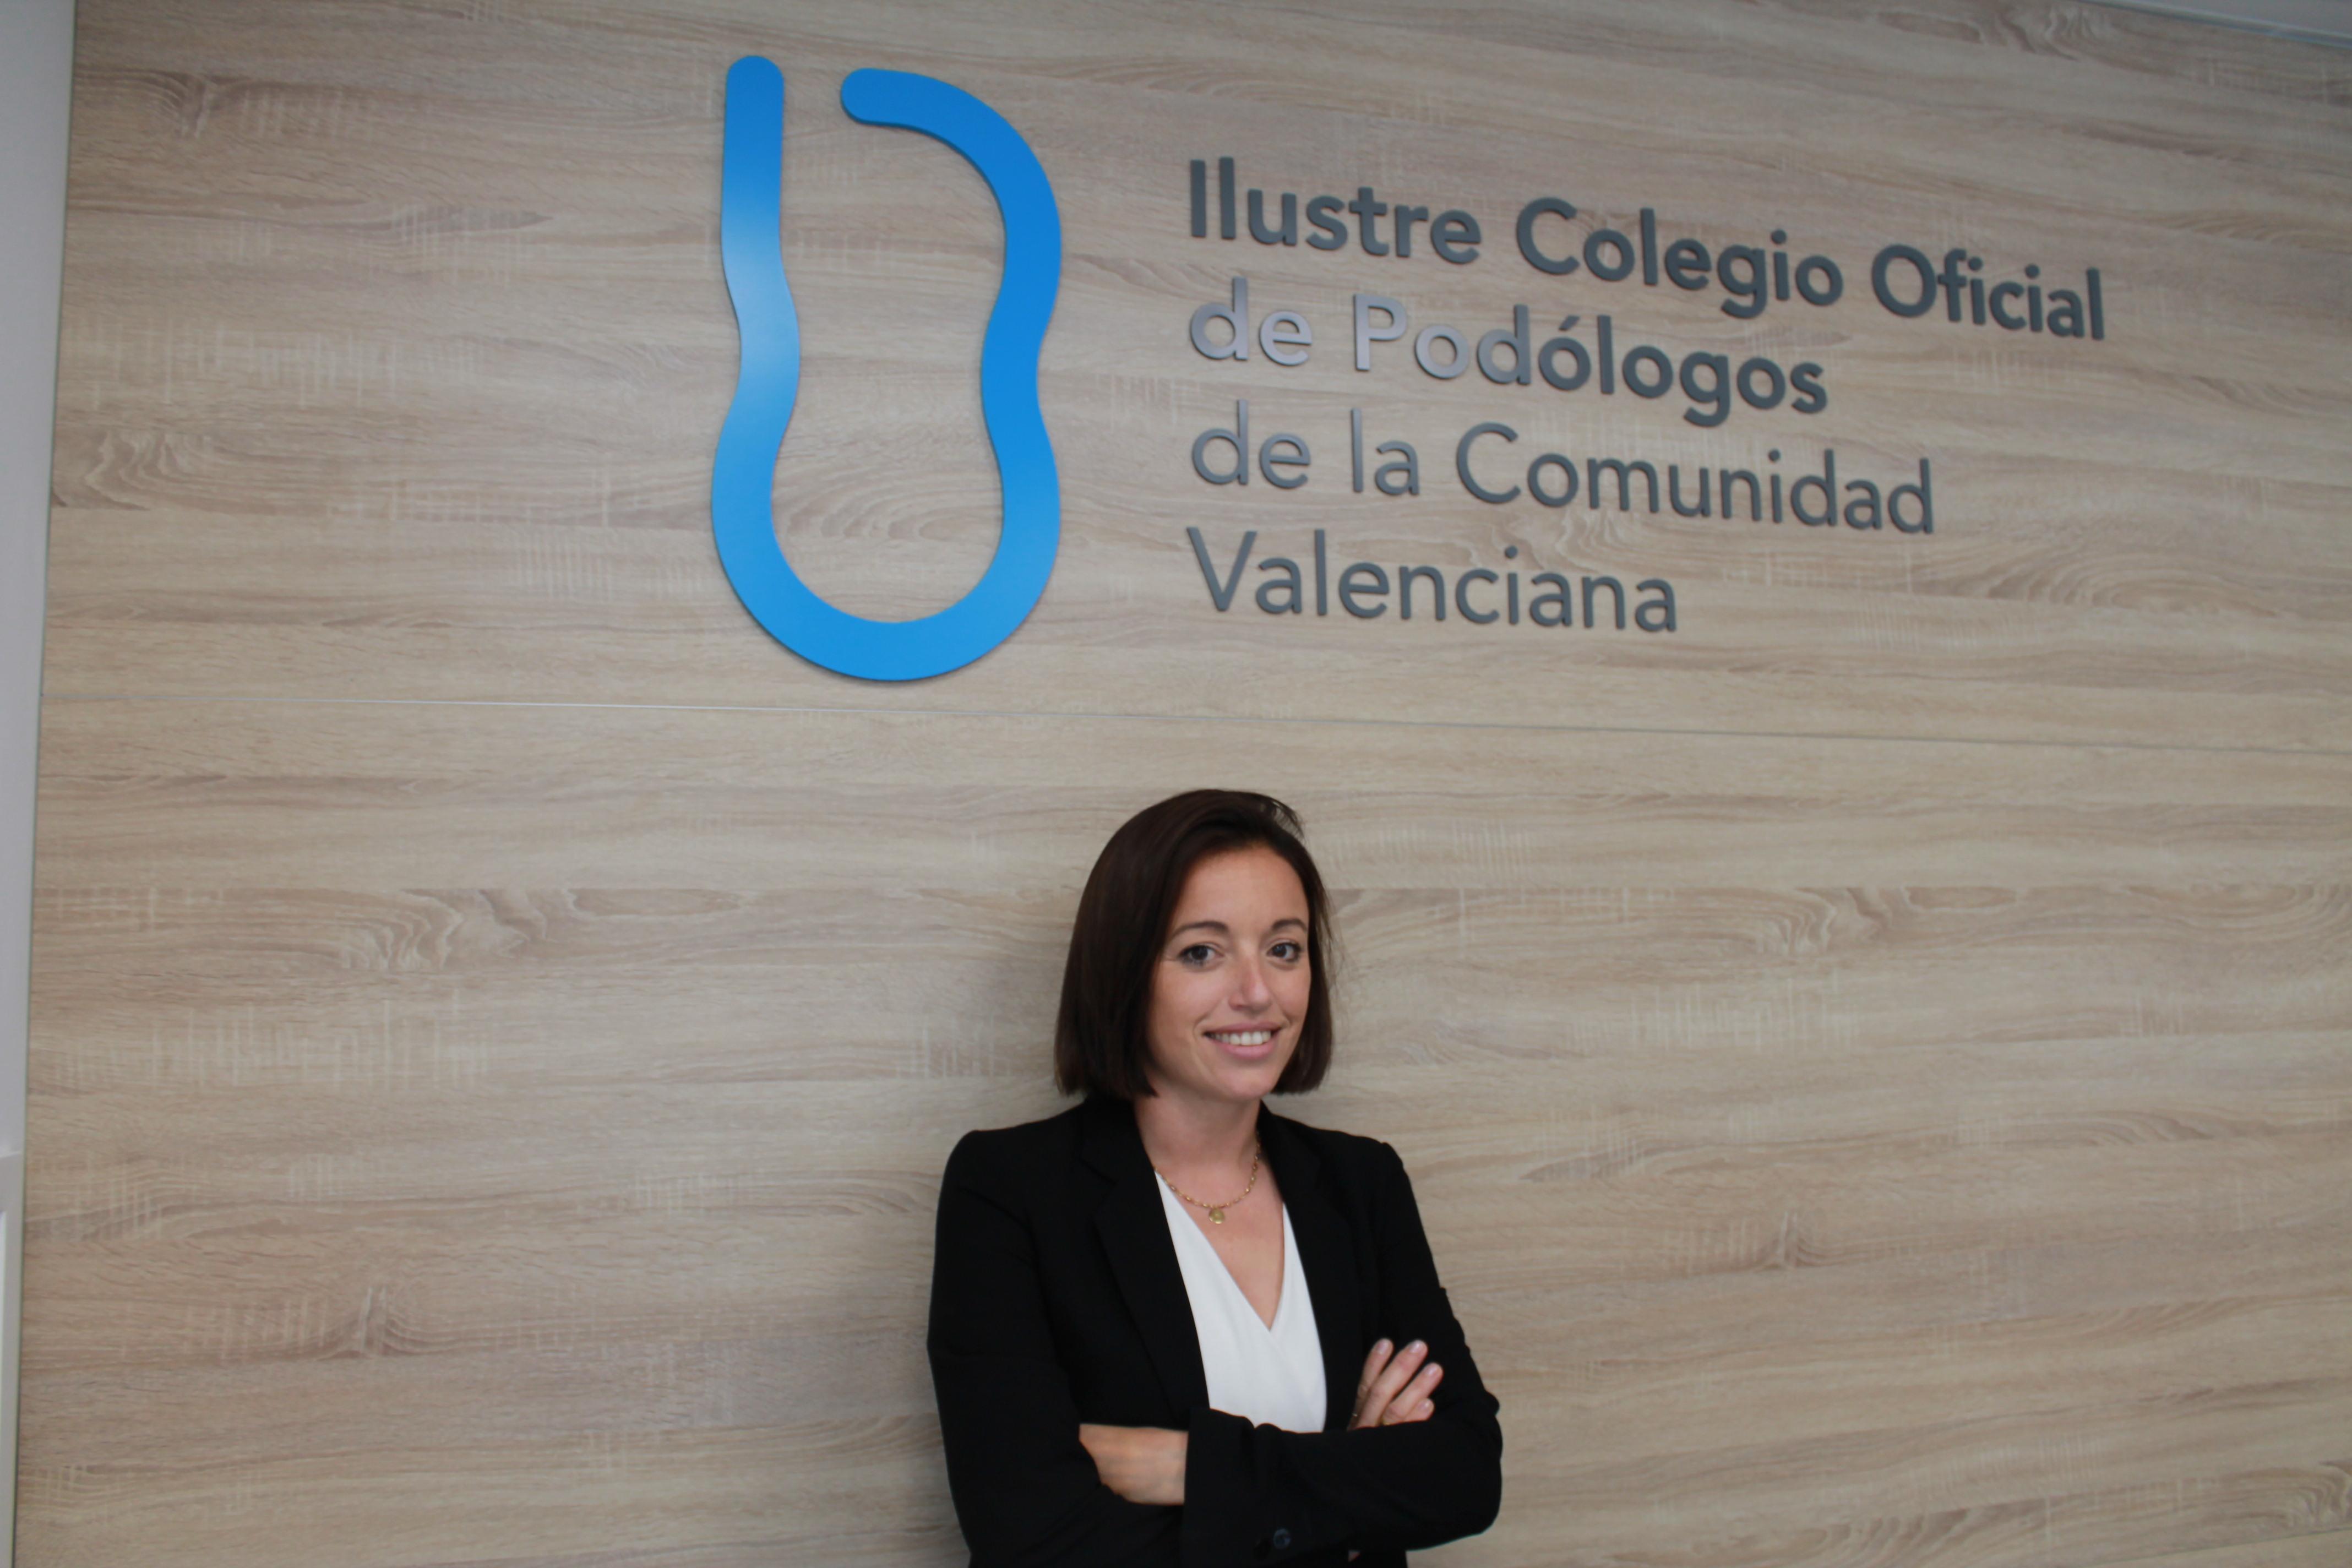 Dª María Lozano de la Hoz